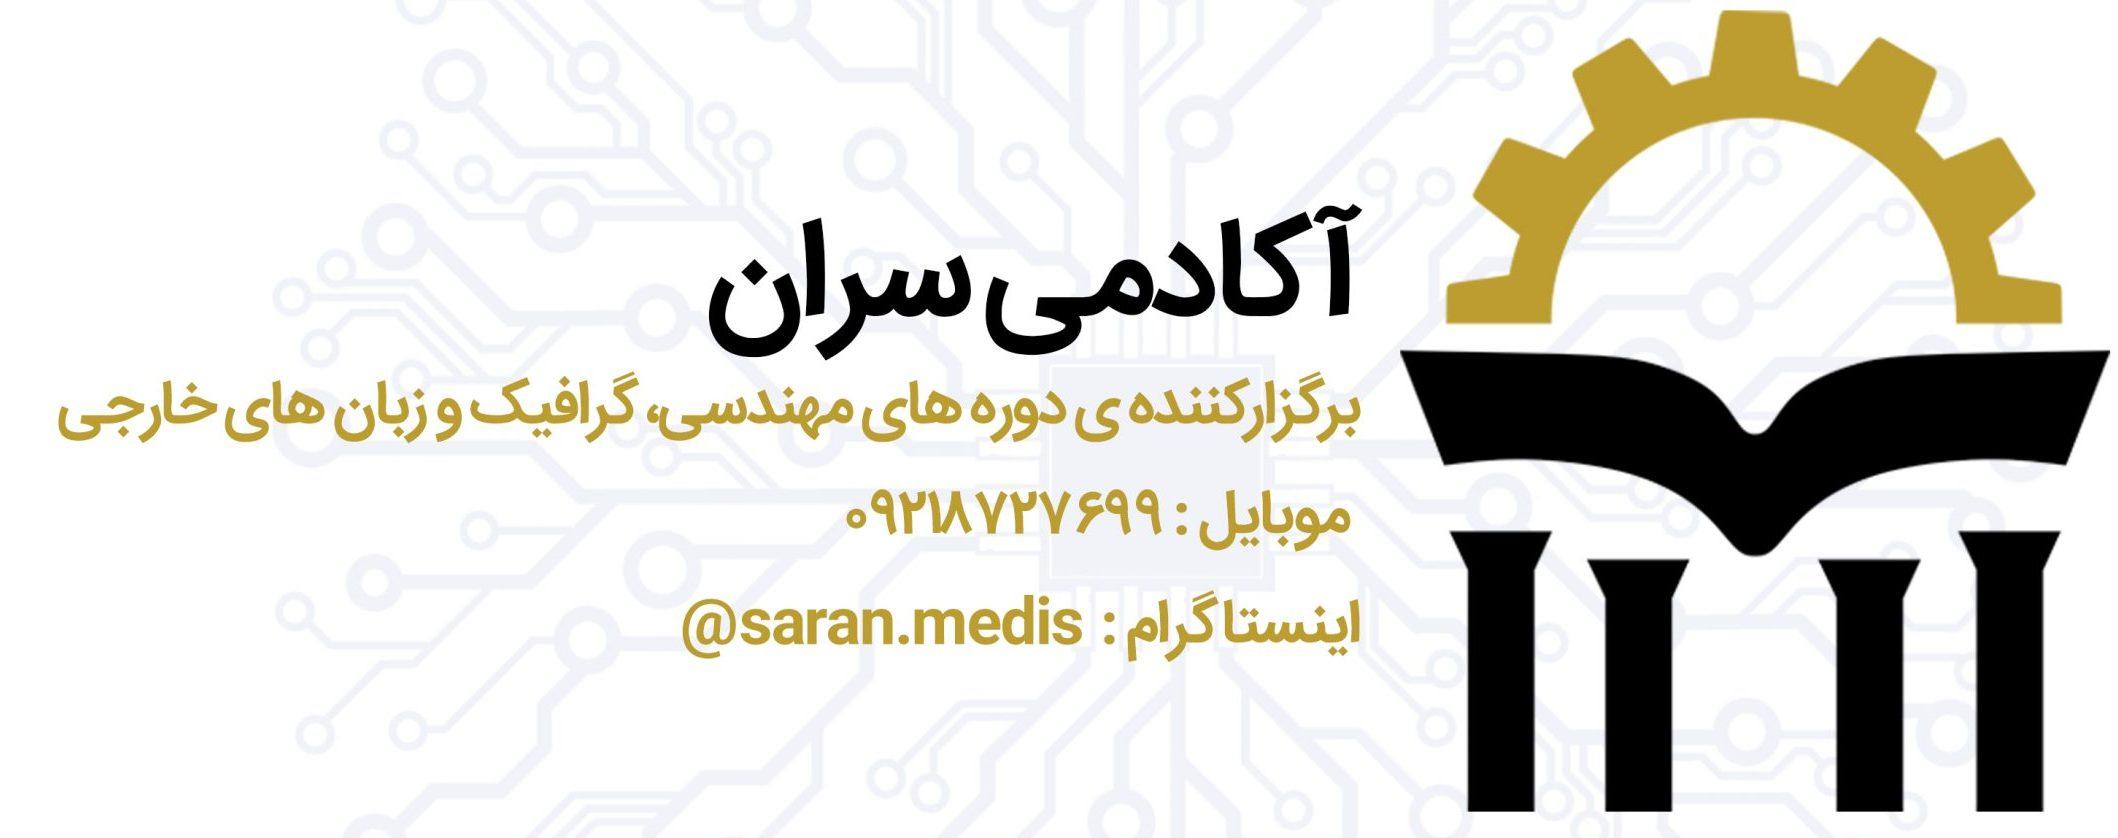 Saran Academy